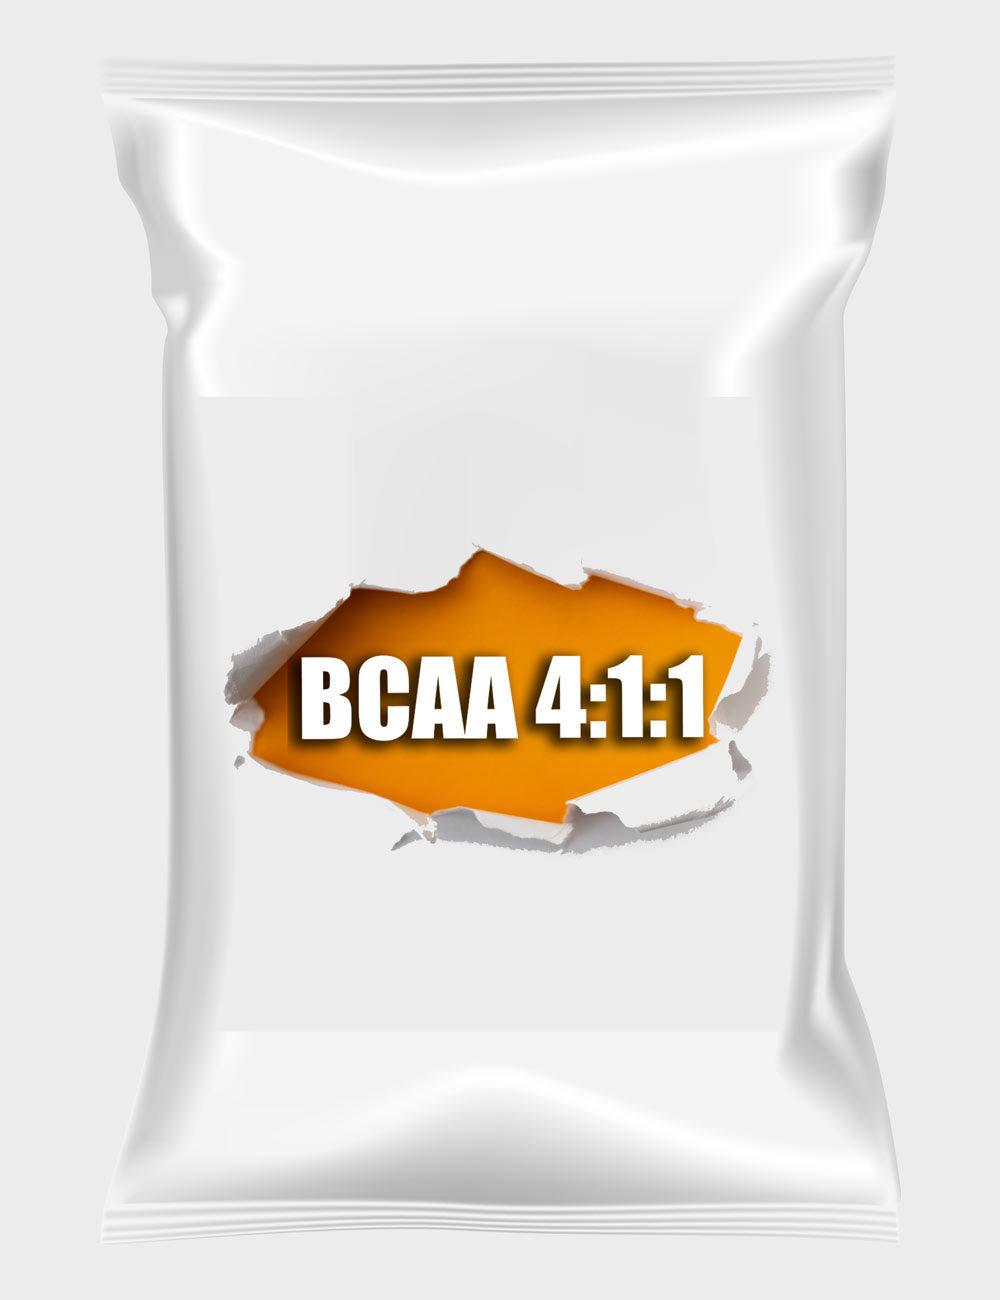 Купить bcaa оптом аминокислоты 4:1:1 в Украине 20 кг.- отзывы-цена. Спортивное питание оптом tvoy-prot.com.ua